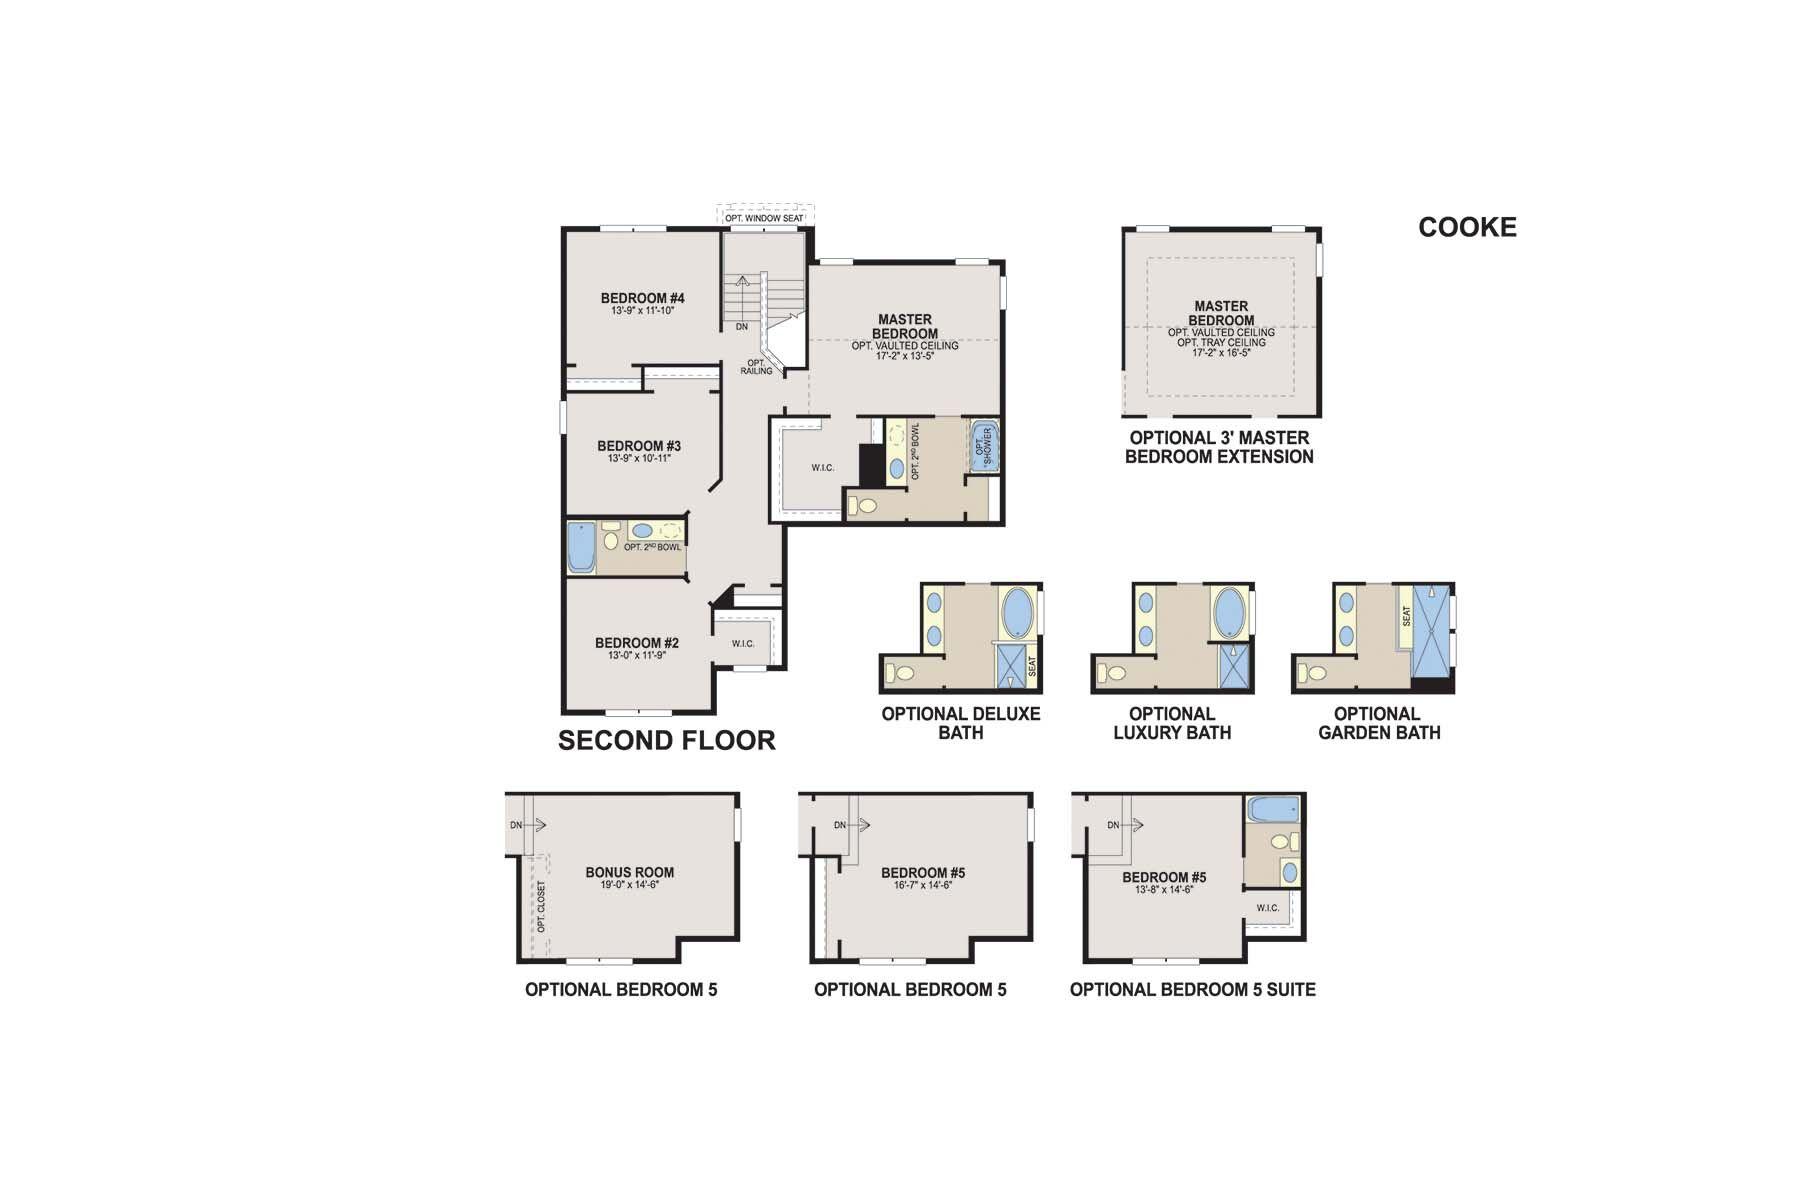 Cooke Second Floor